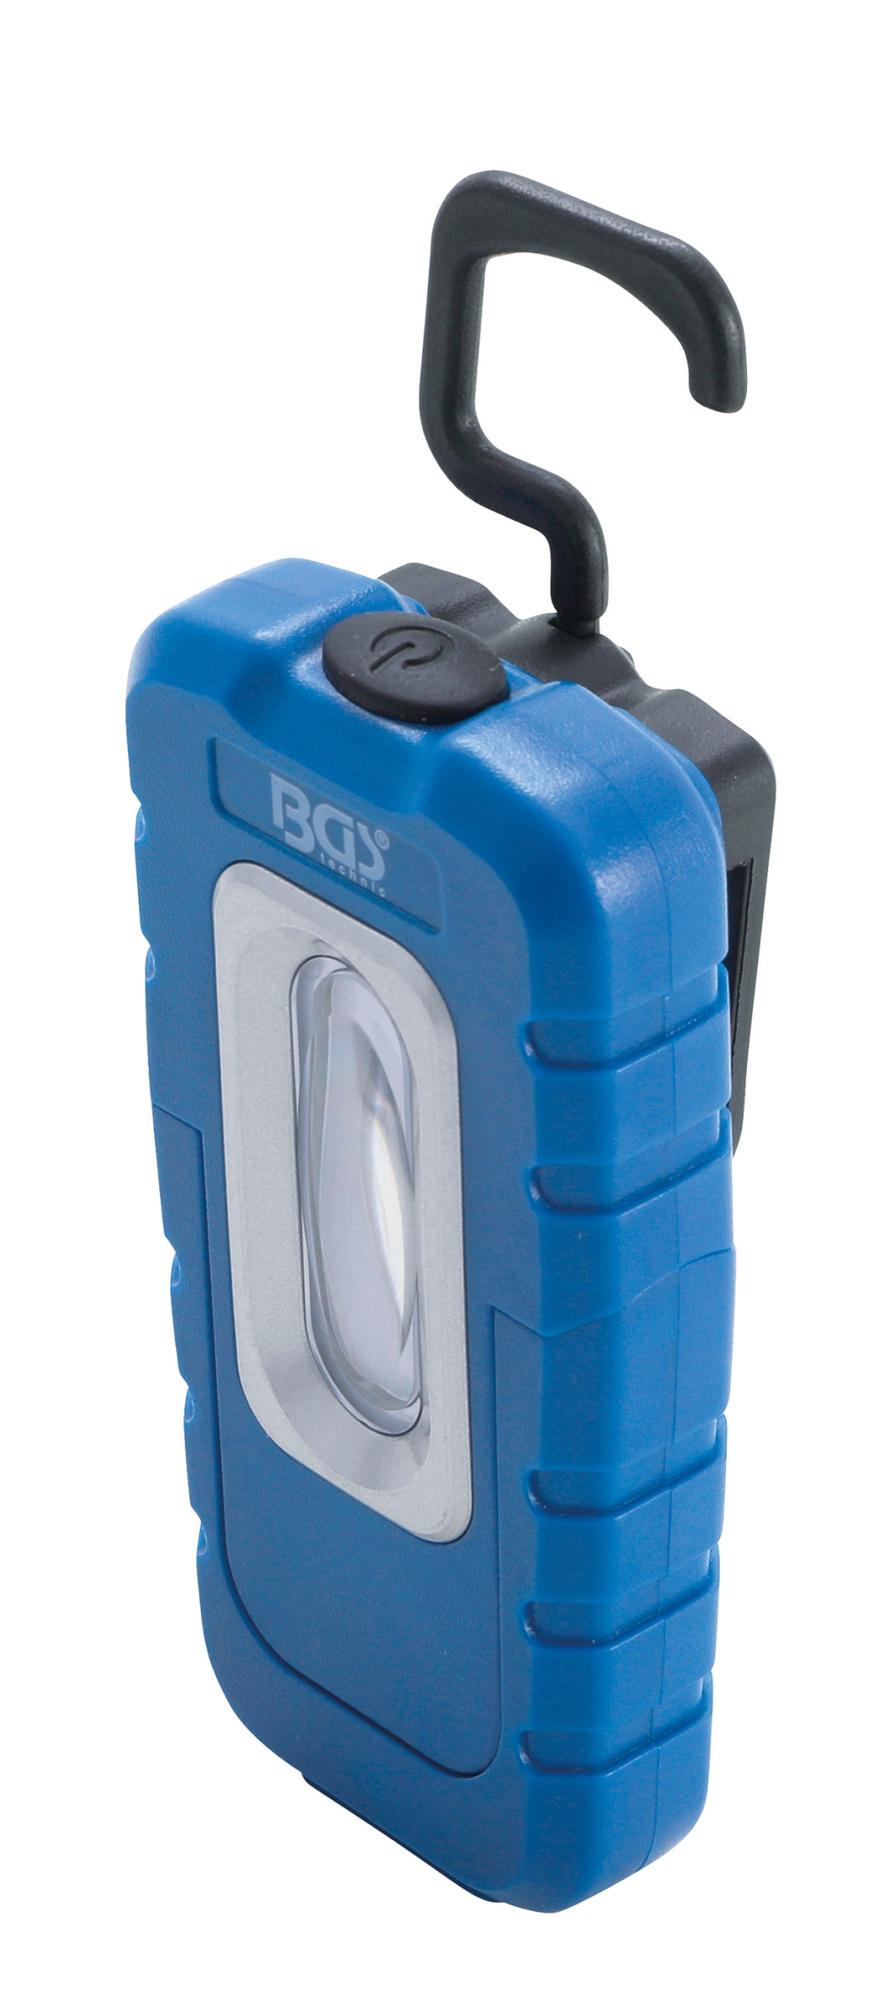 BGS 85326 SMD LED Arbeitsleuchte klappbar